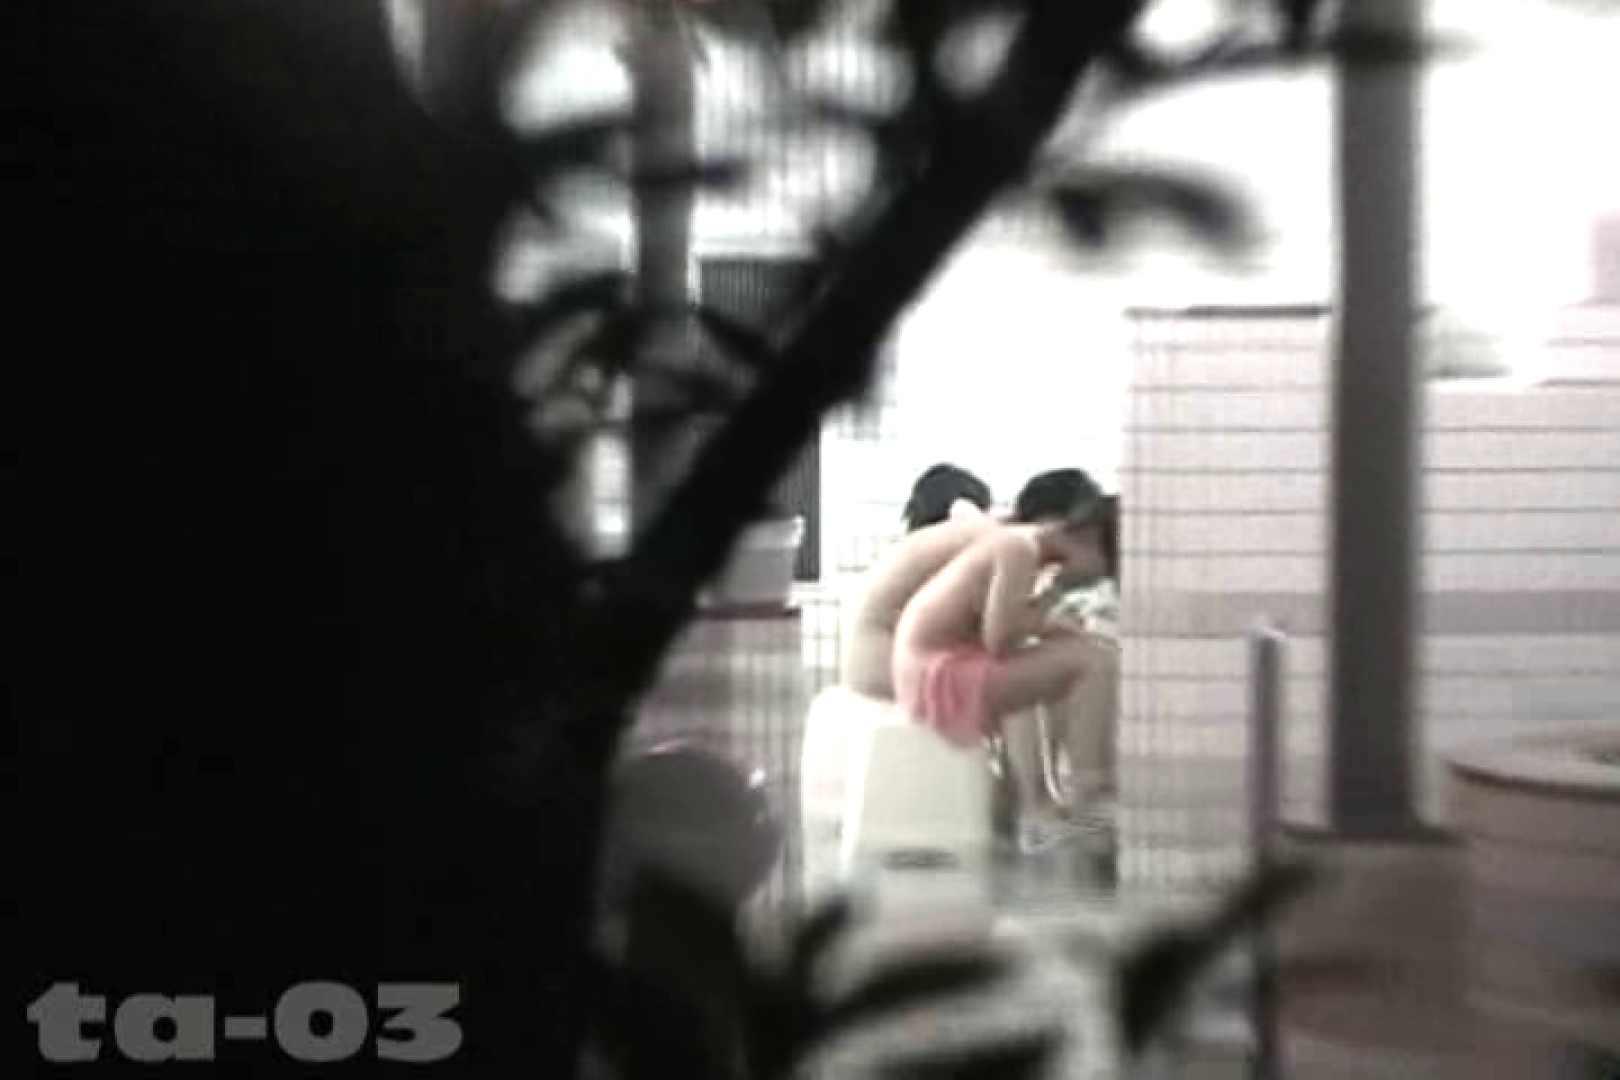 合宿ホテル女風呂盗撮高画質版 Vol.03 女風呂潜入   合宿  59画像 56